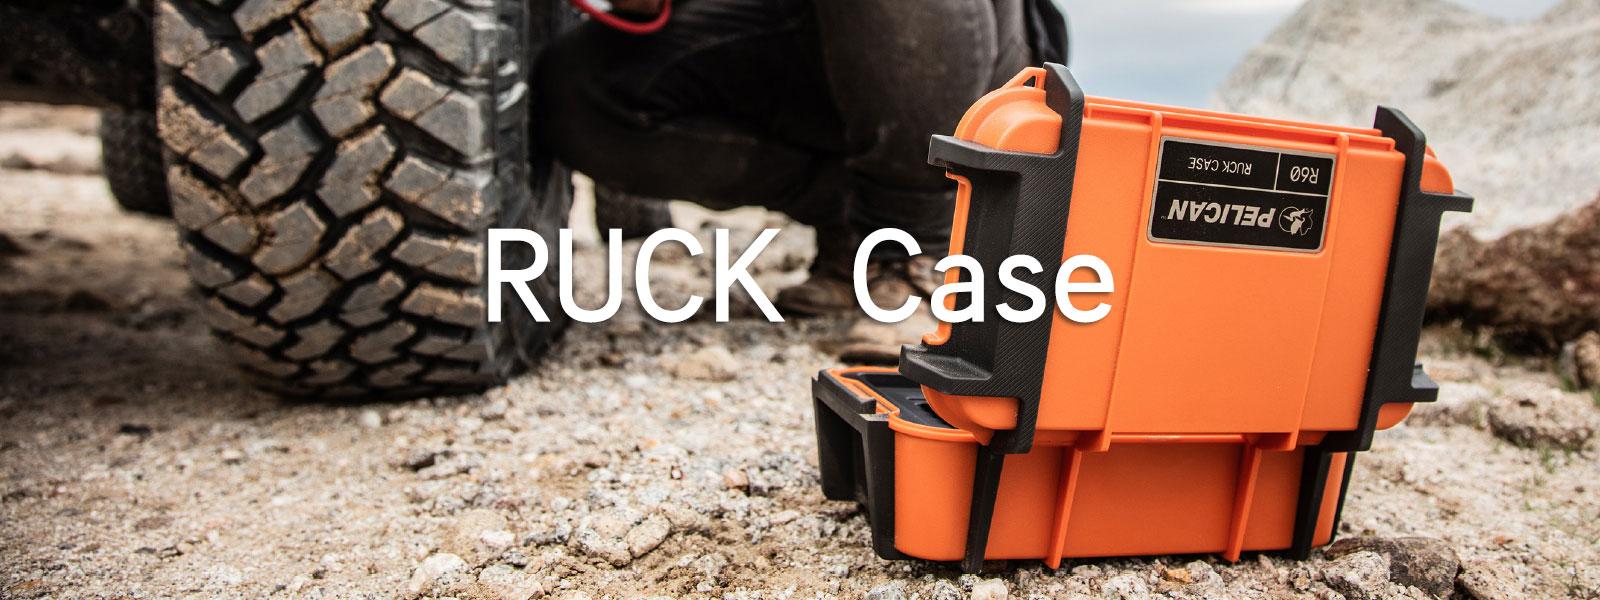 RUCK CASE